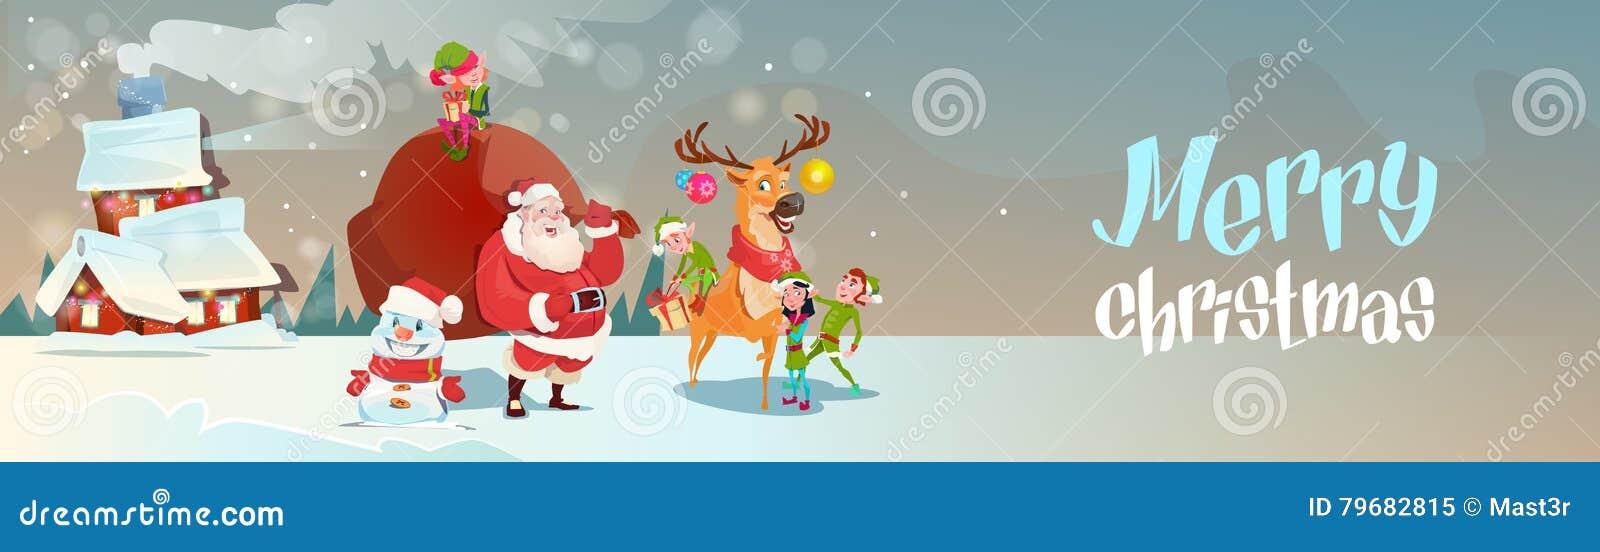 Święty Mikołaj Z Reniferowym Elfs prezenta worka przybyciem Mieścić Szczęśliwego nowy rok Wesoło bożych narodzeń sztandar